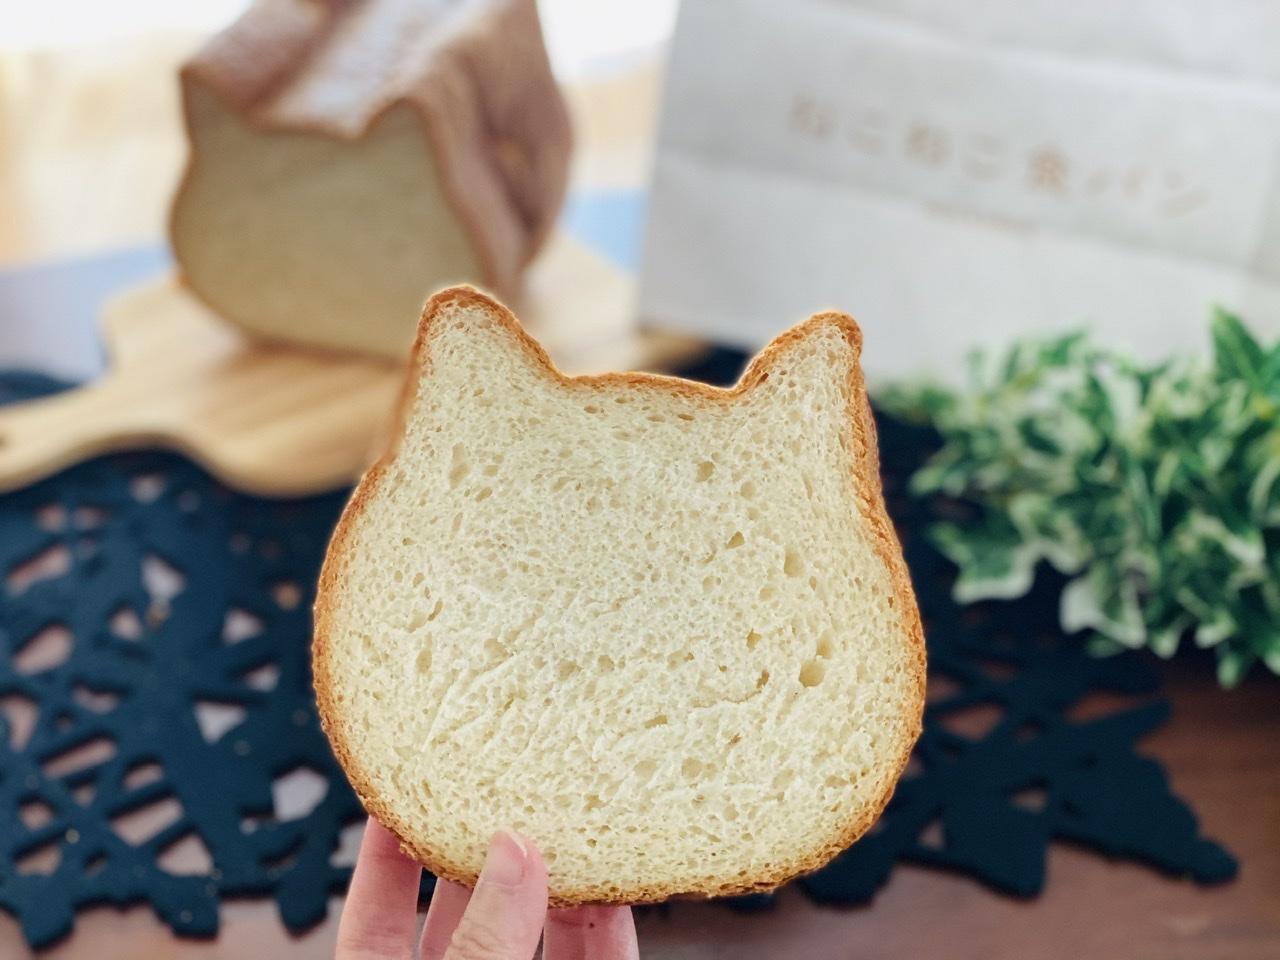 【オンライン販売開始!】可愛さ満点で売切れ続出!念願の《ねこねこ食パン》をGET♡_4